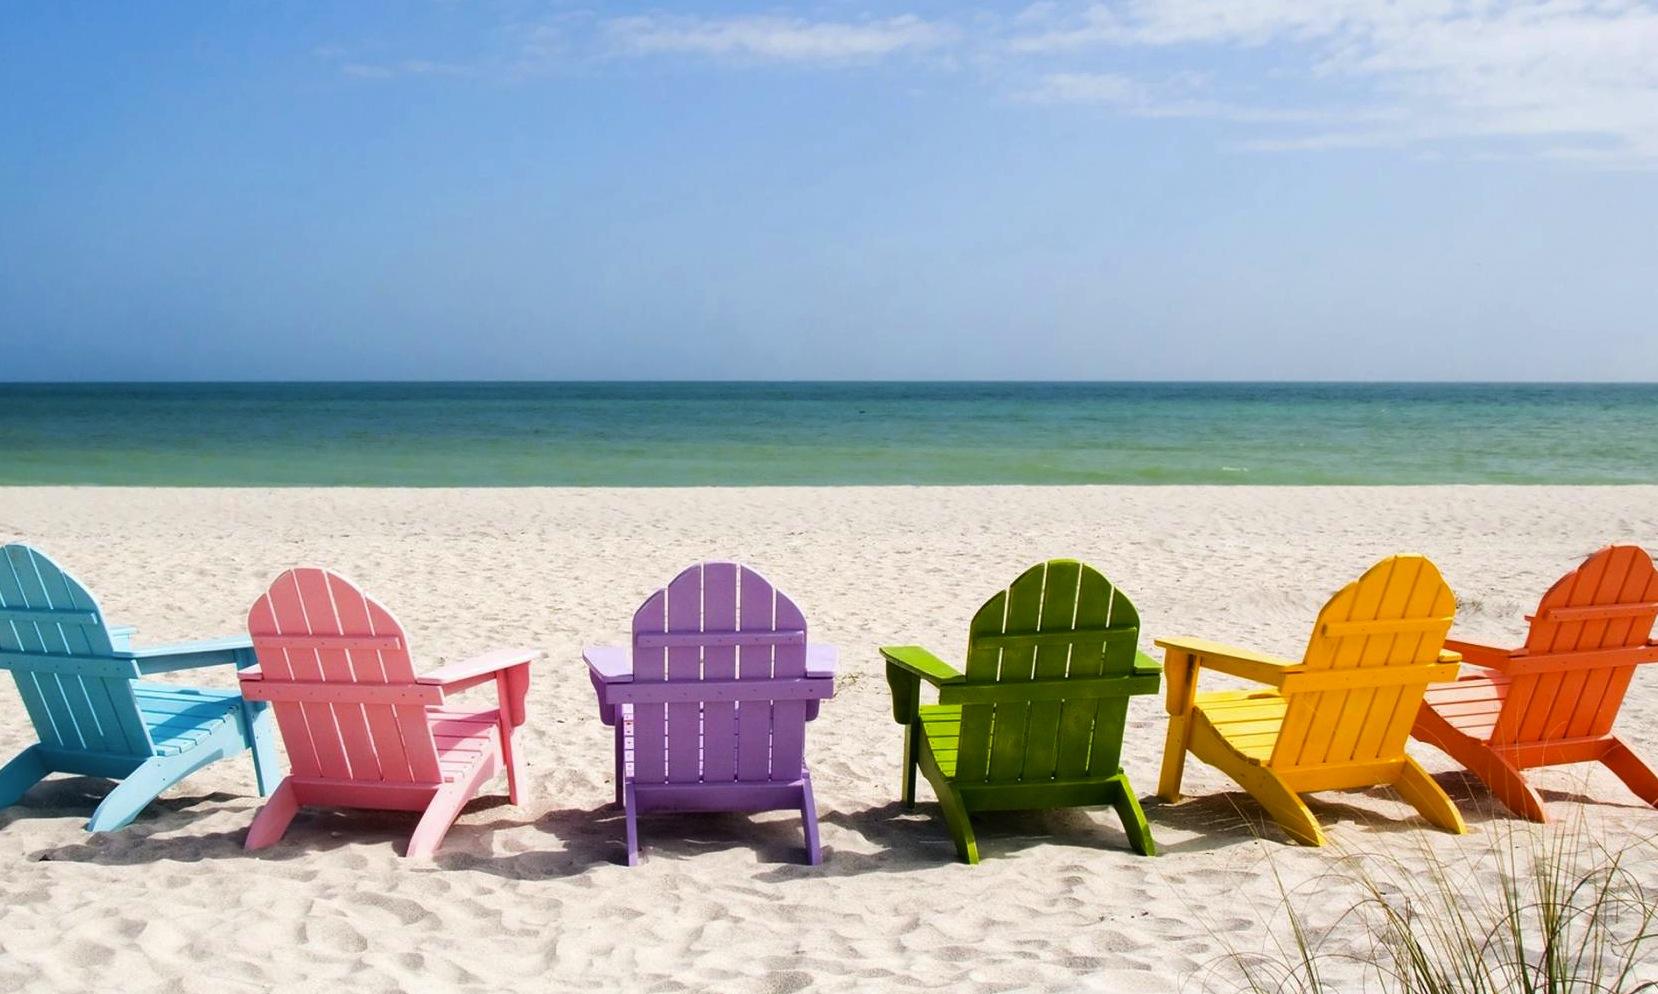 635905538435064277-2121262330_summer